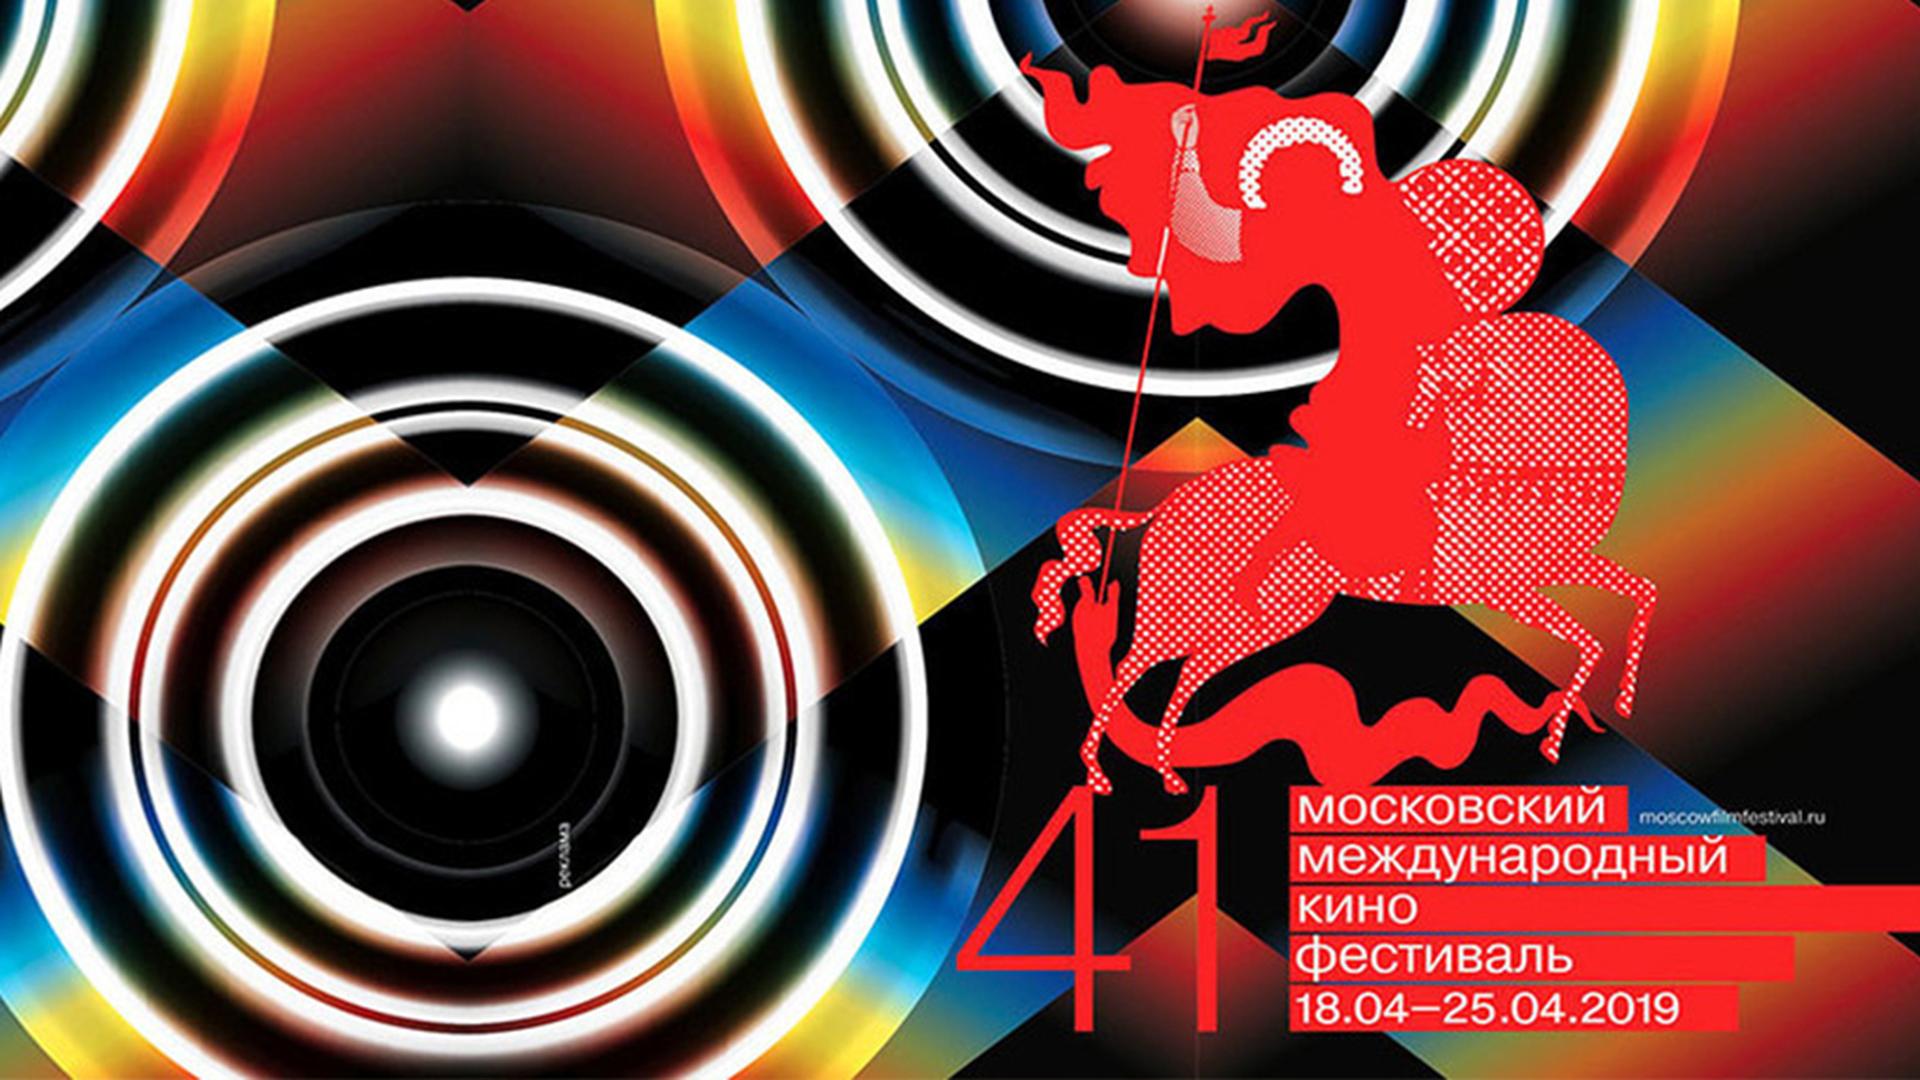 41-й Московский международный кинофестиваль